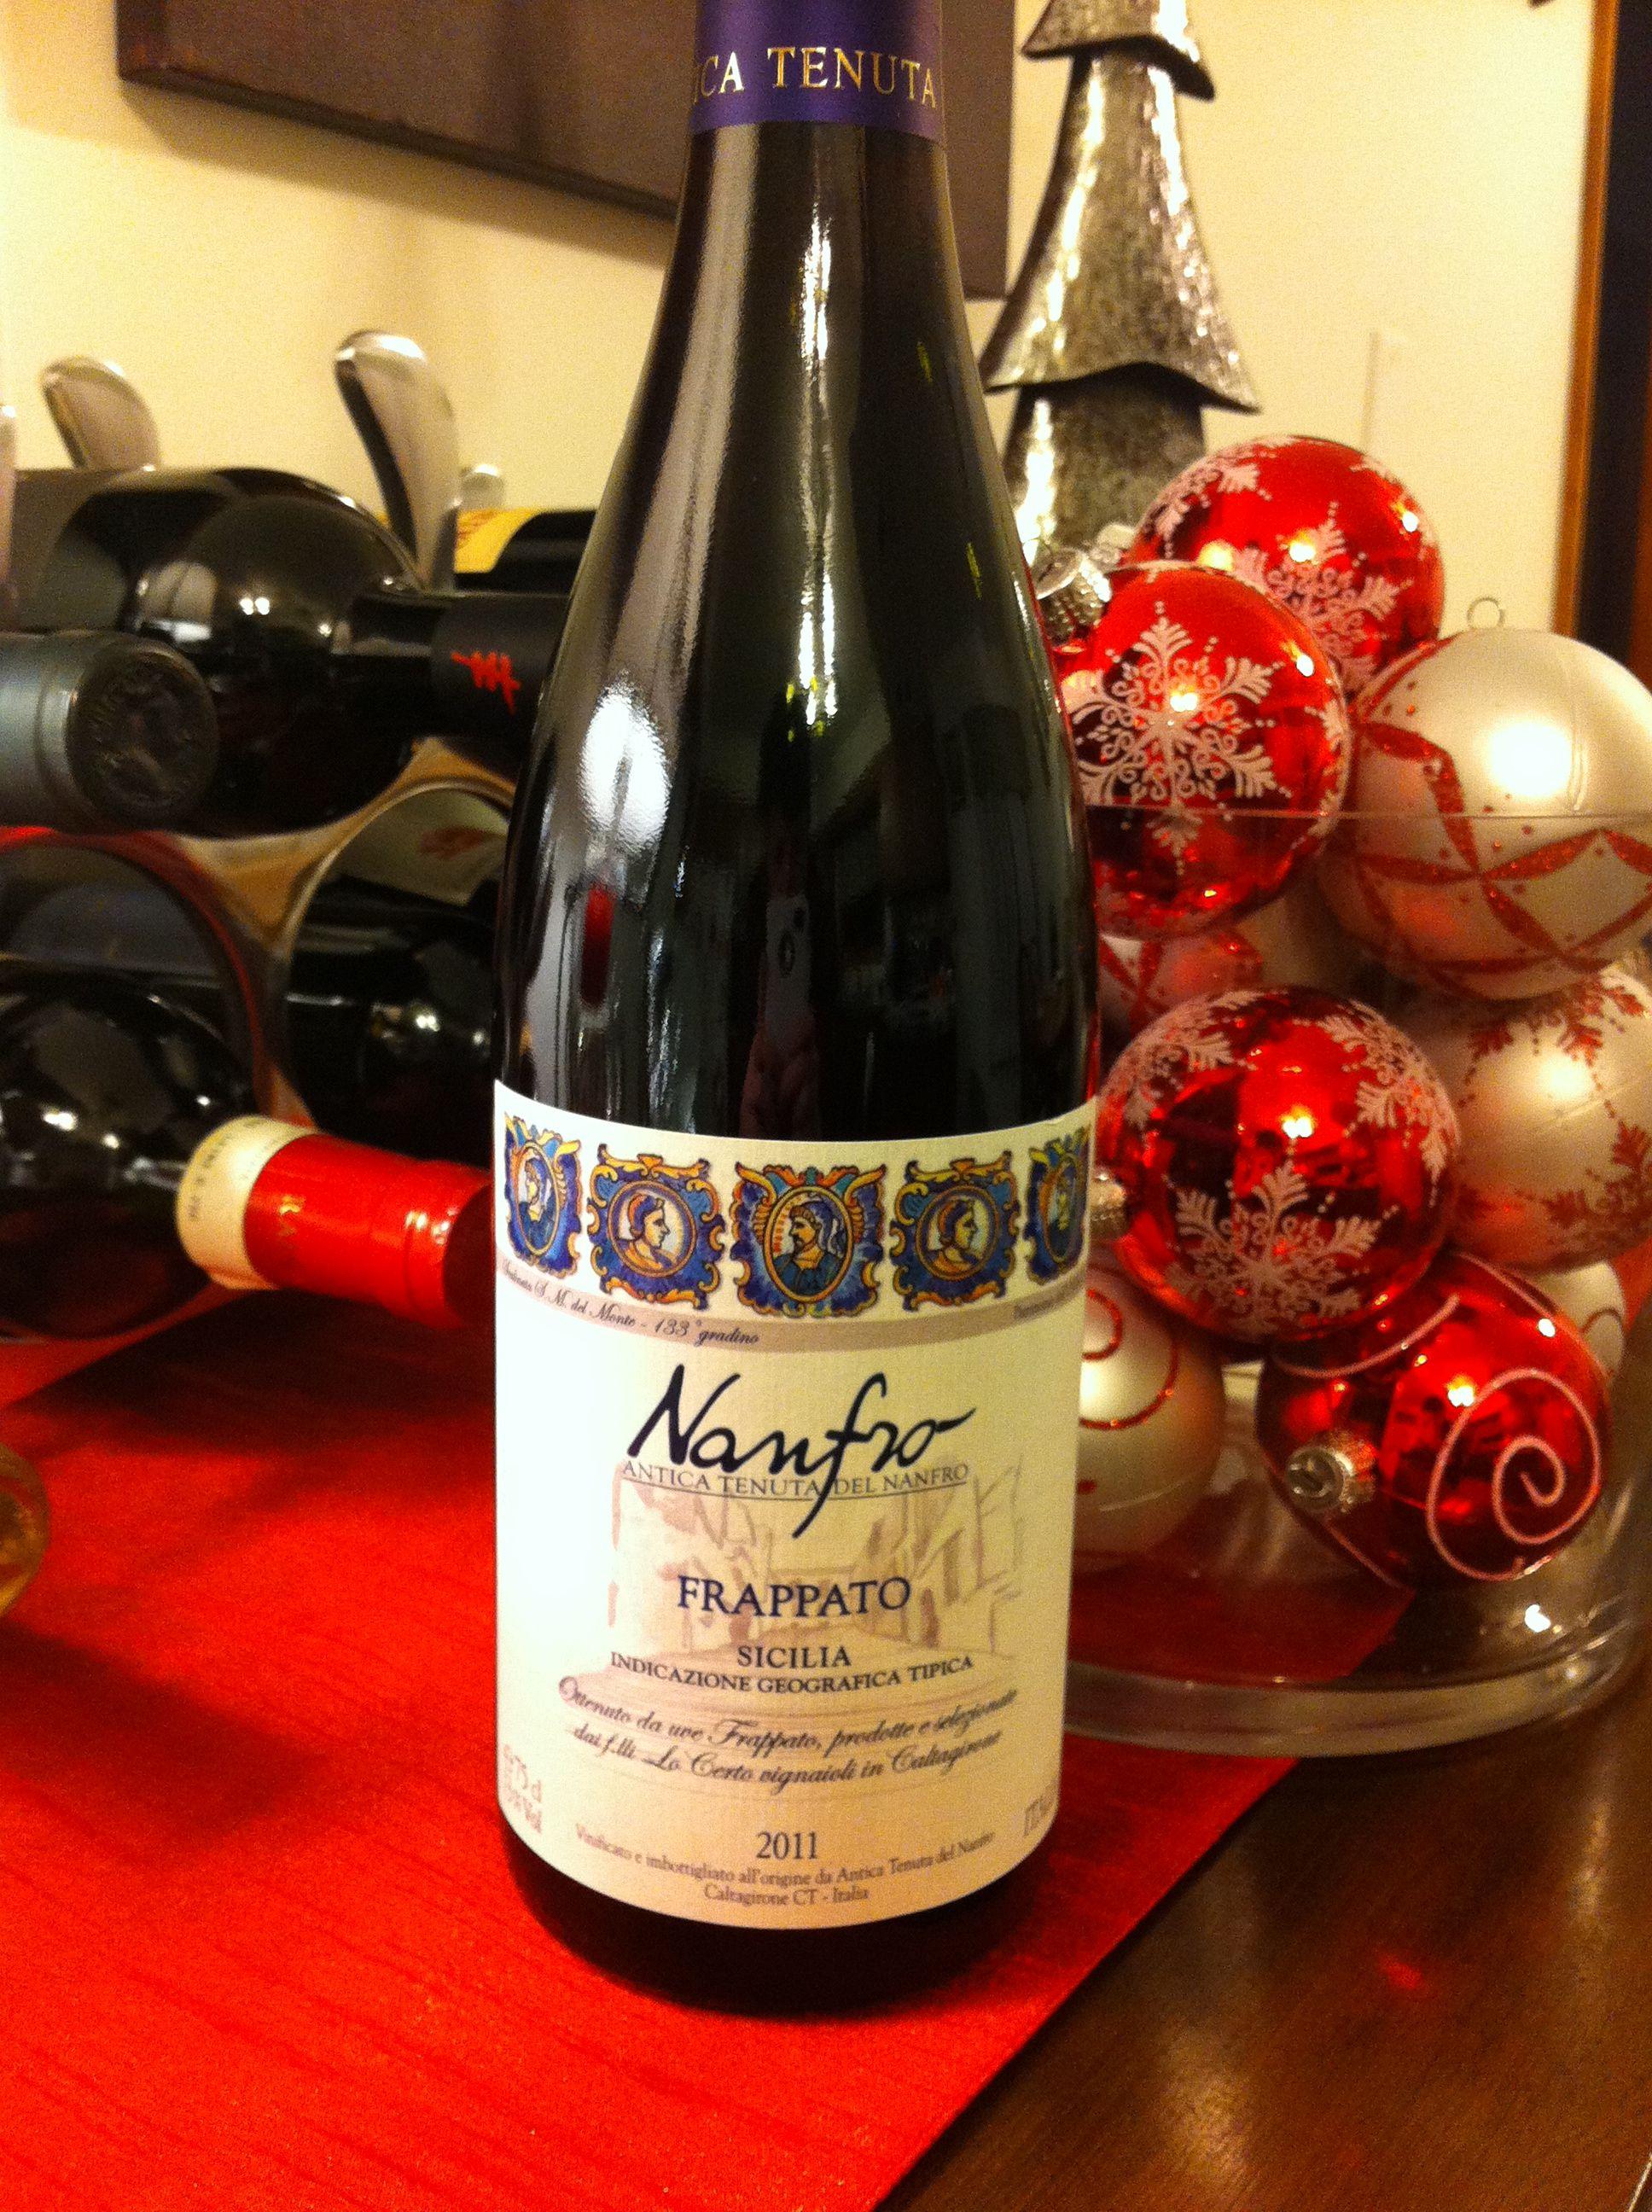 Nanfro Frappato Wine Bottle Wine Favorite Recipes